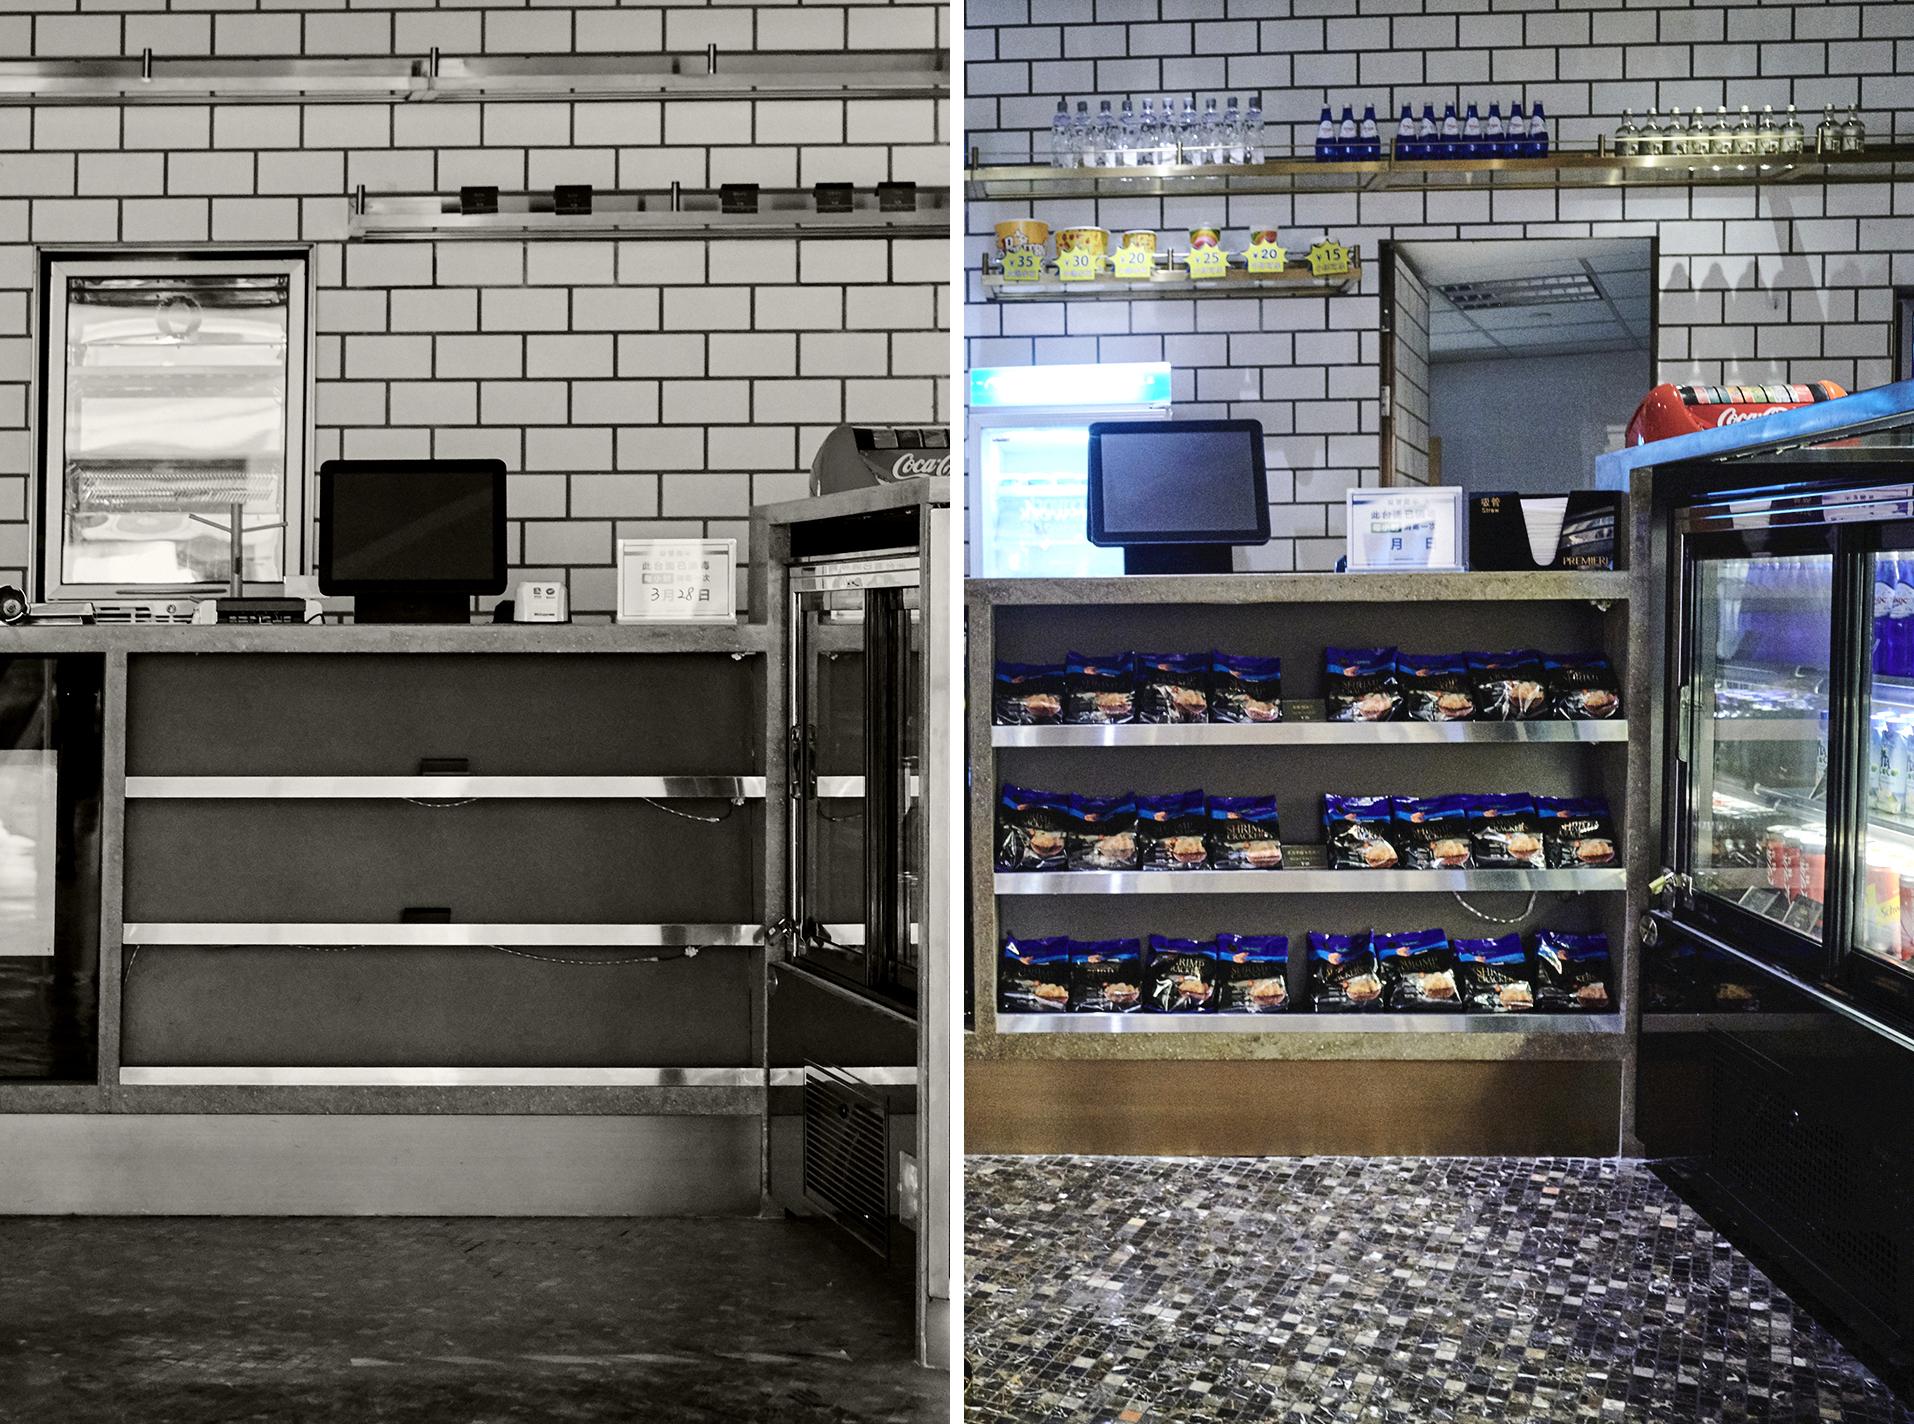 左:7月16日,上海静安嘉里中心,百美汇影城的小食柜台空空如也。 右:7月19日,为第二天影院重开做准备,百美汇影城的小食柜台已摆放地满满当当。因防疫需要,目前,影院内需全程佩戴口罩,暂时不能进食。